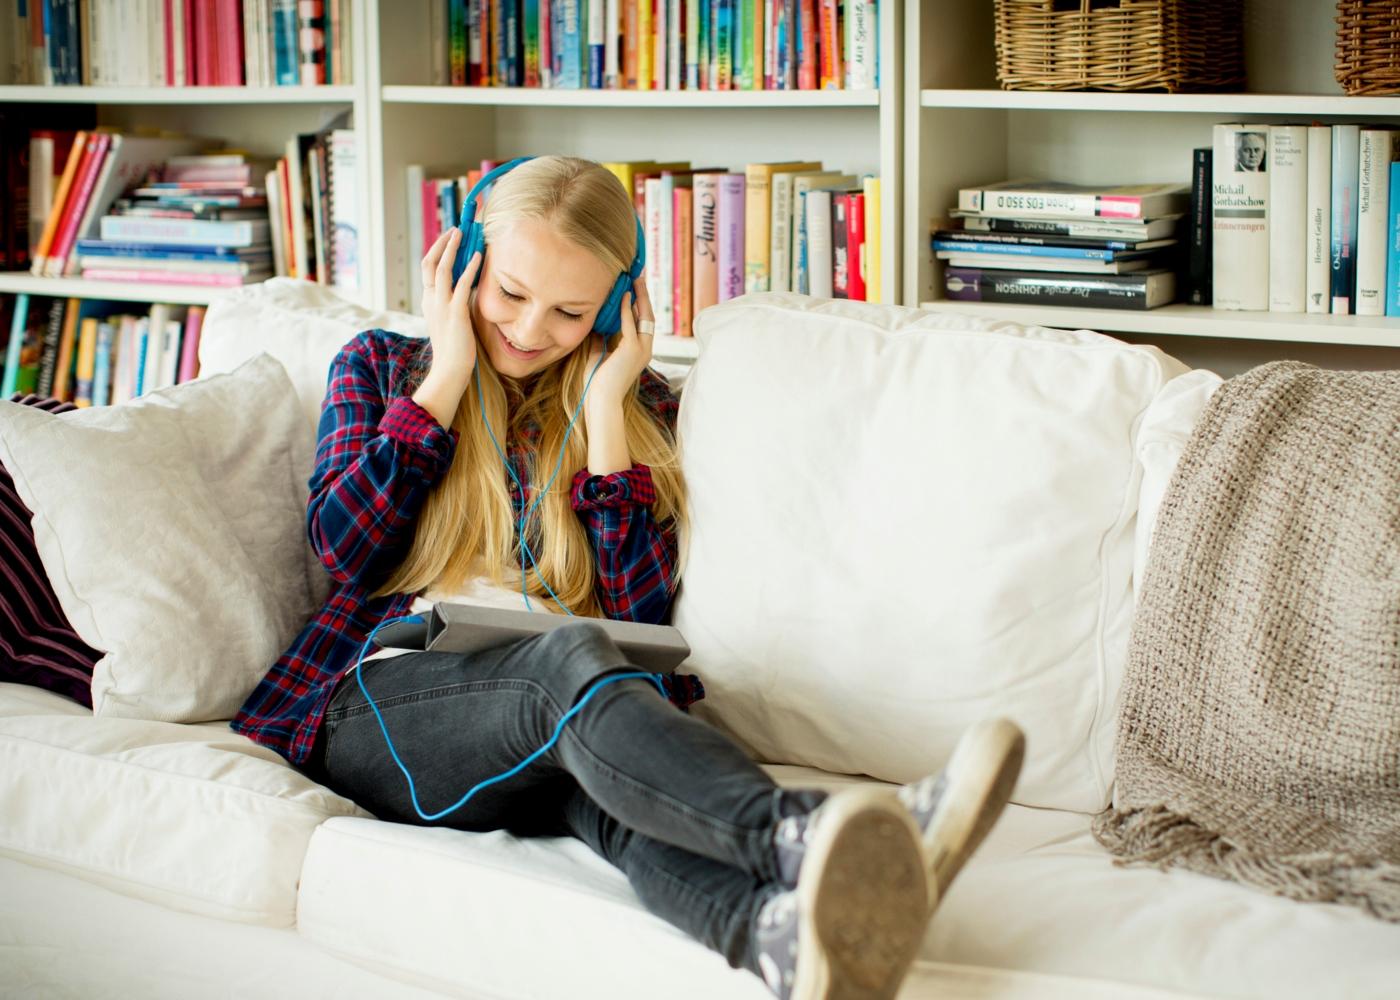 Como lidar com um adolescente em quarentena: manter contacto social